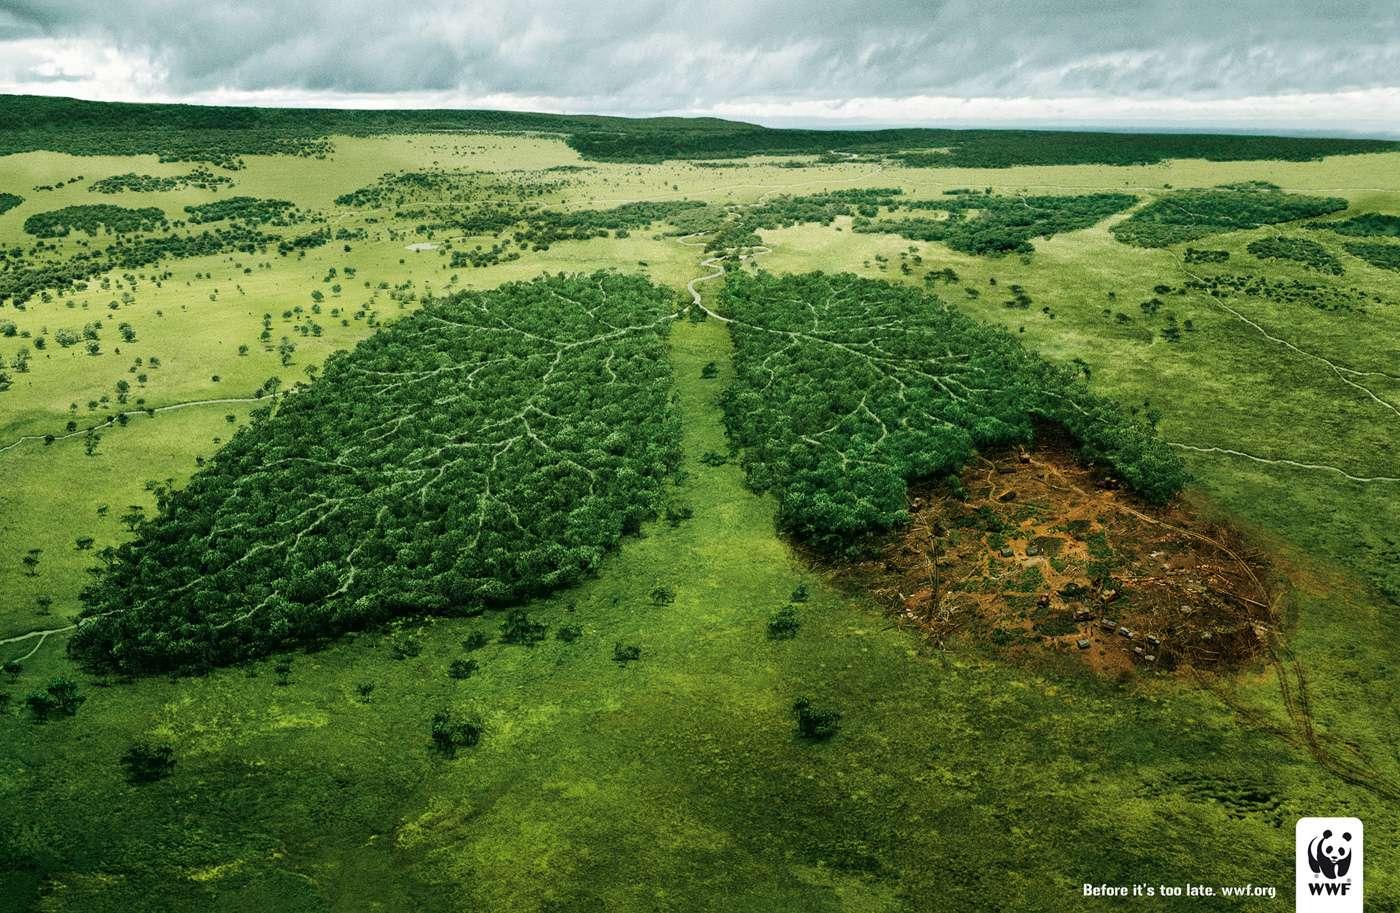 Νομιμοποίηση καταπατημένων εκτάσεων, άρση του αναδασωτέου χαρακτήρα καμένων εκτάσεων εντός πενταετίας, fast track αποχαρακτηρισμοί δασικών εκτάσεων (και ένταξή τους στον χωροταξικό σχεδιασμό), δασικοί χάρτες άνευ νοήματος, καθώς θα βρίσκονται πλέον υπό διαρκή αναδιαμόρφωση.Αφίσα του WWF